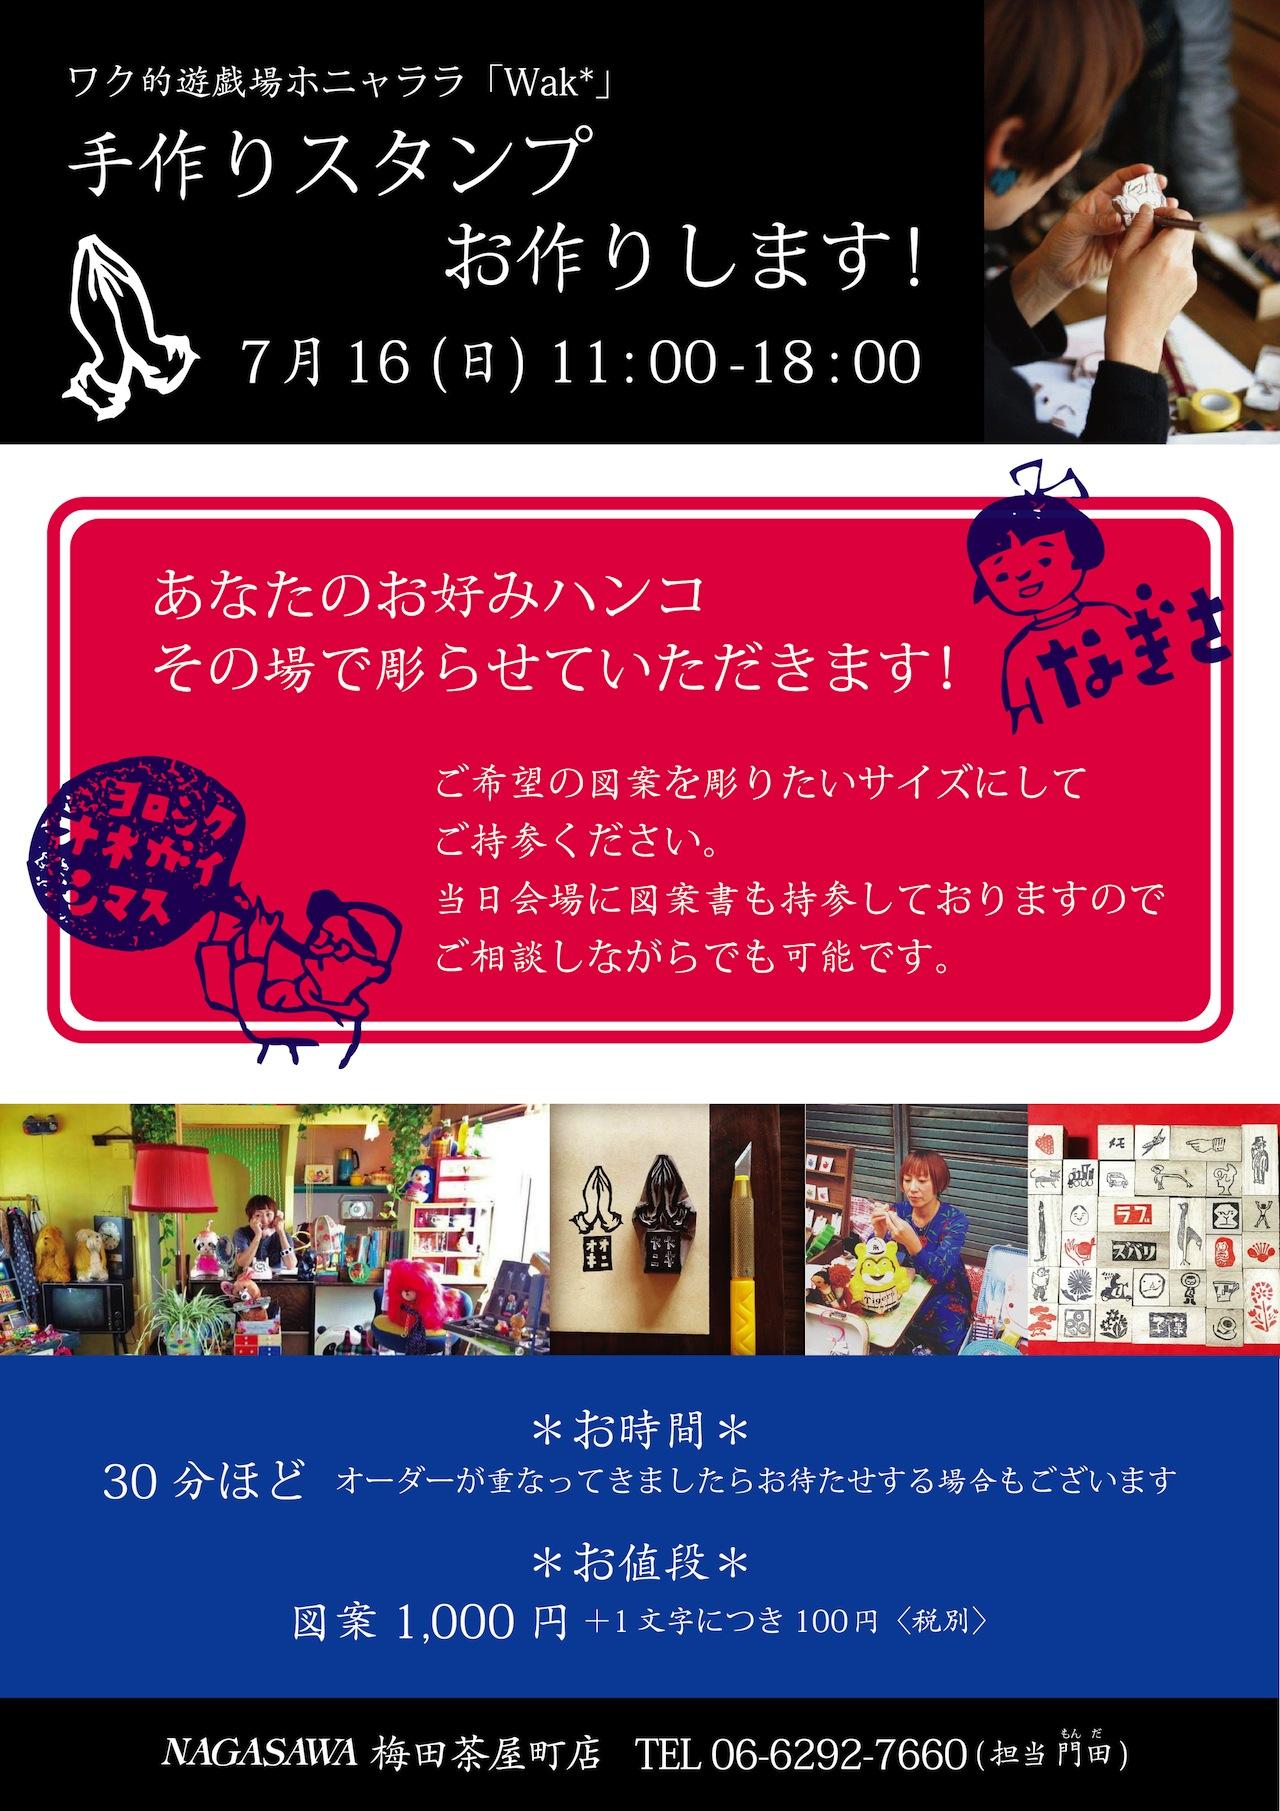 手作りスタンプお作りします! @NAGASAWA梅田茶屋町店